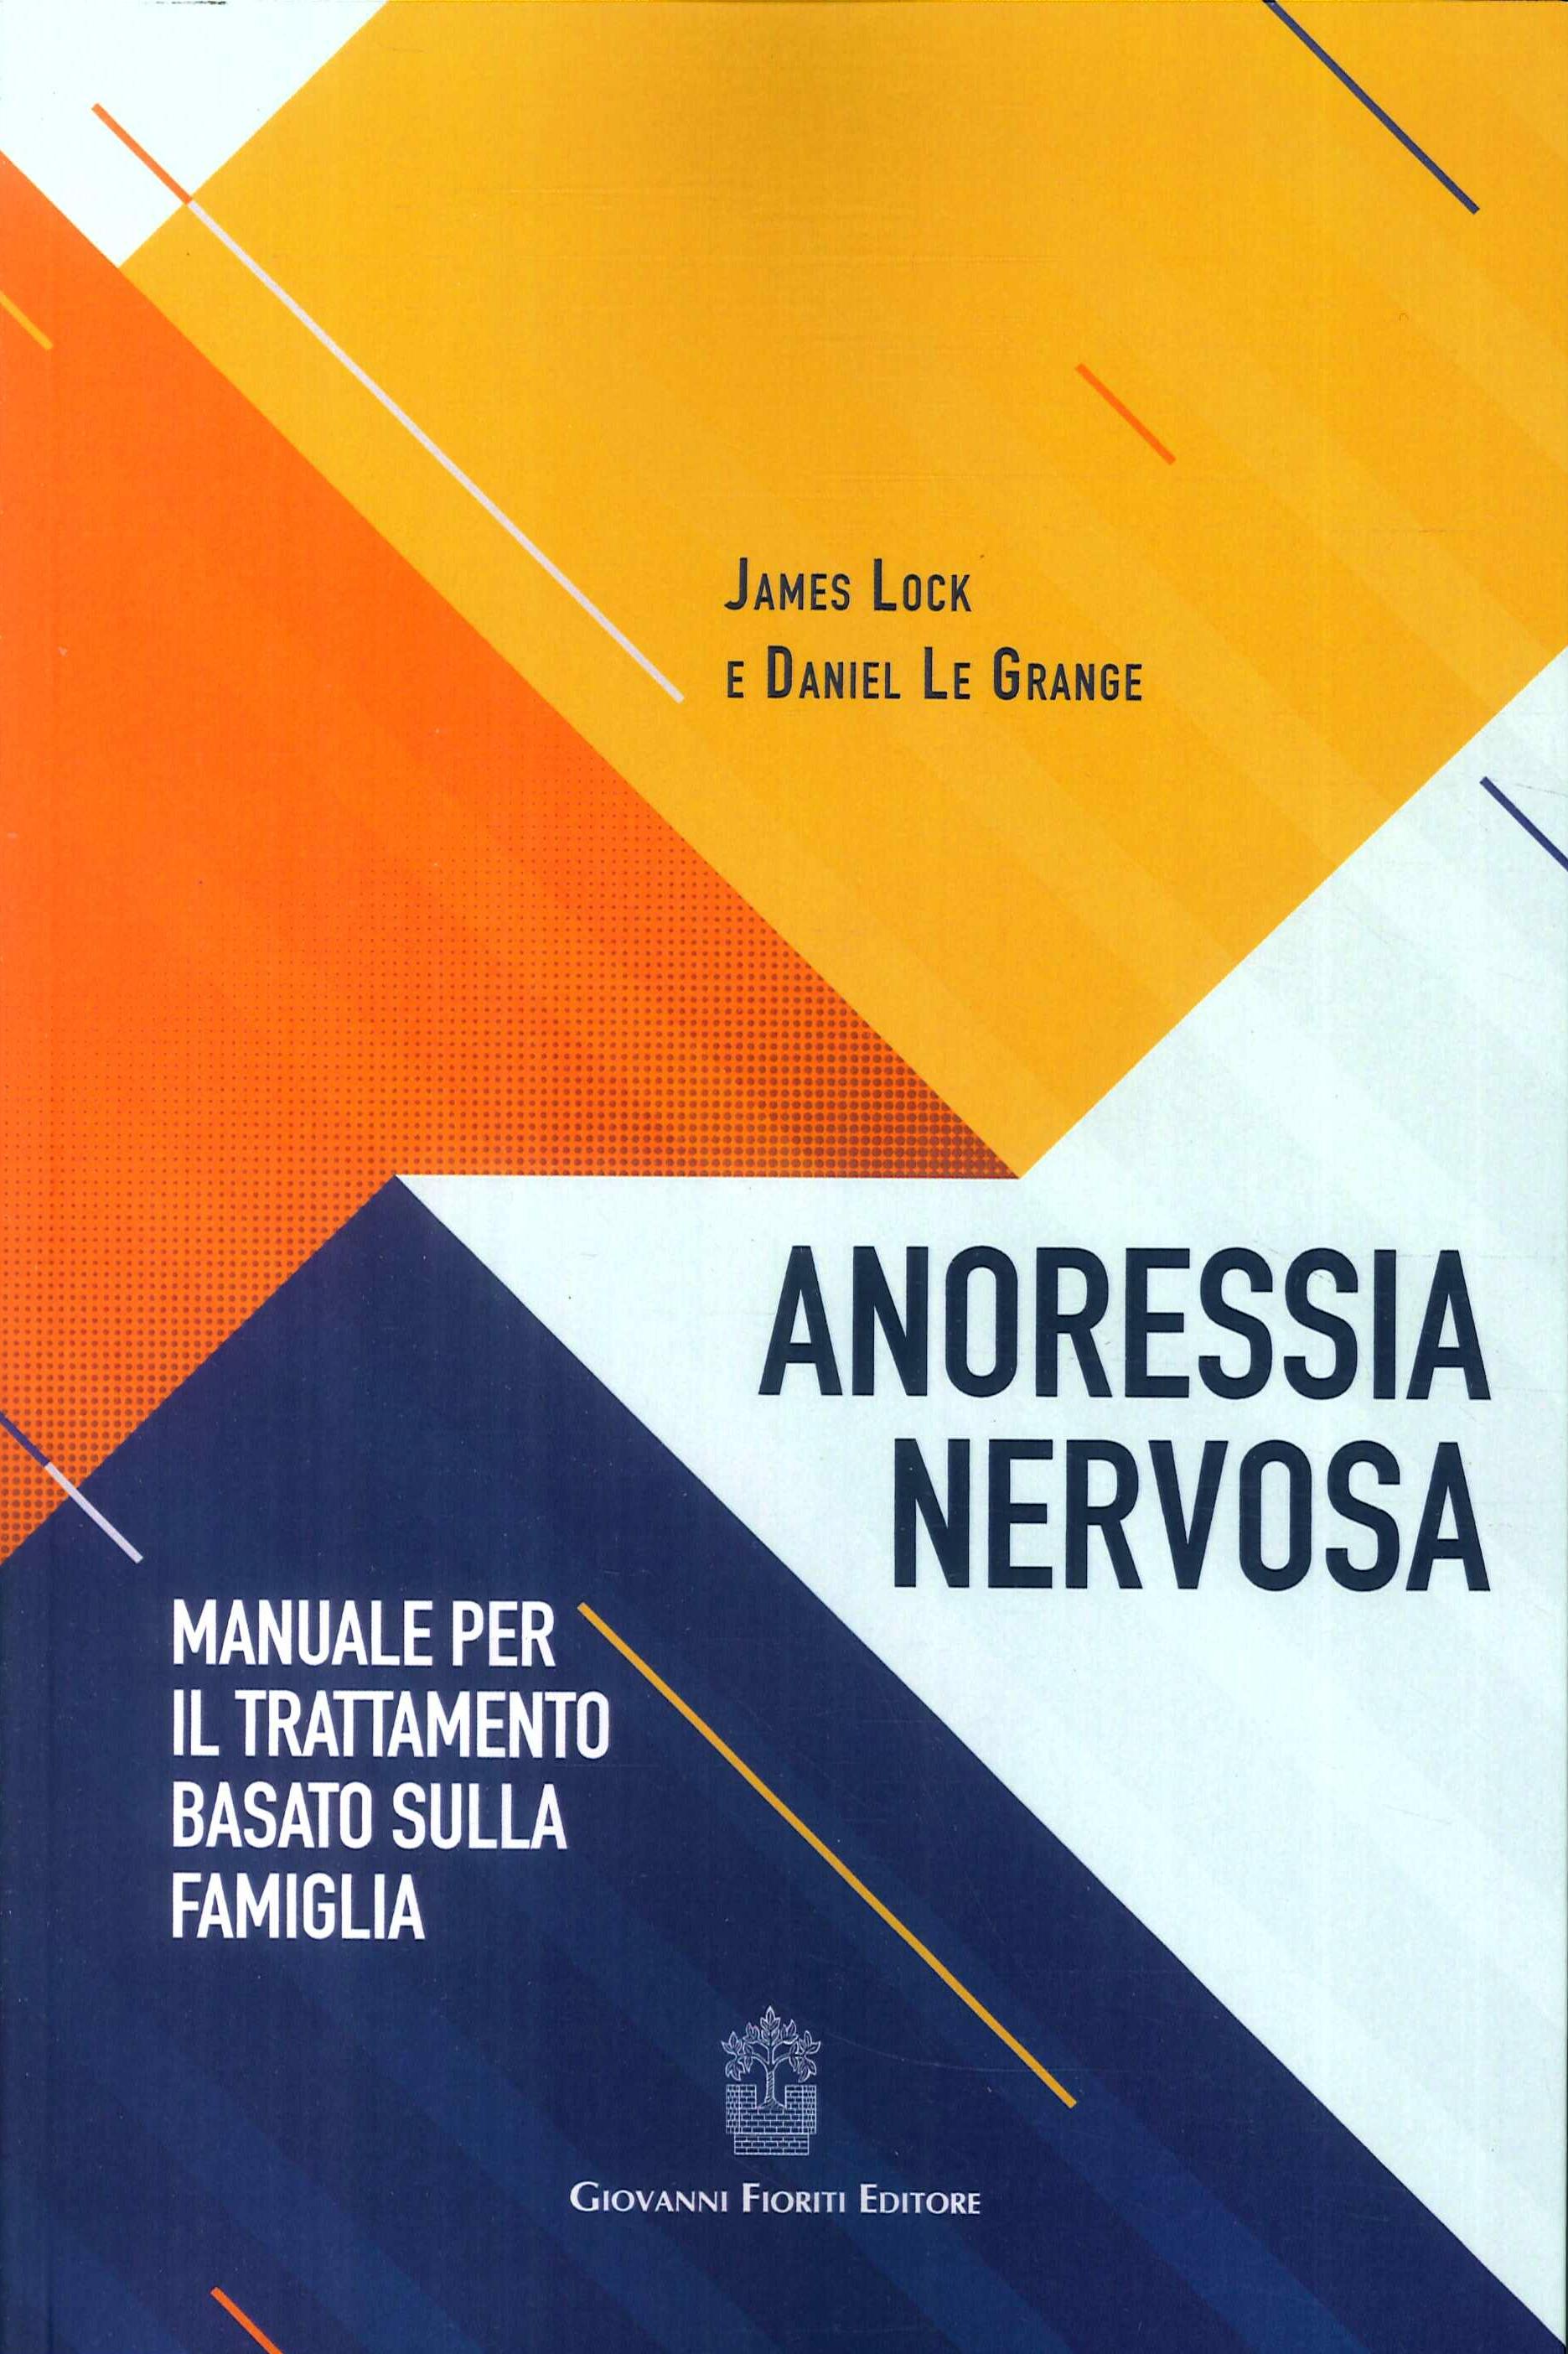 Anoressia nervosa. Manuale per il trattamento basato sulla famiglia.